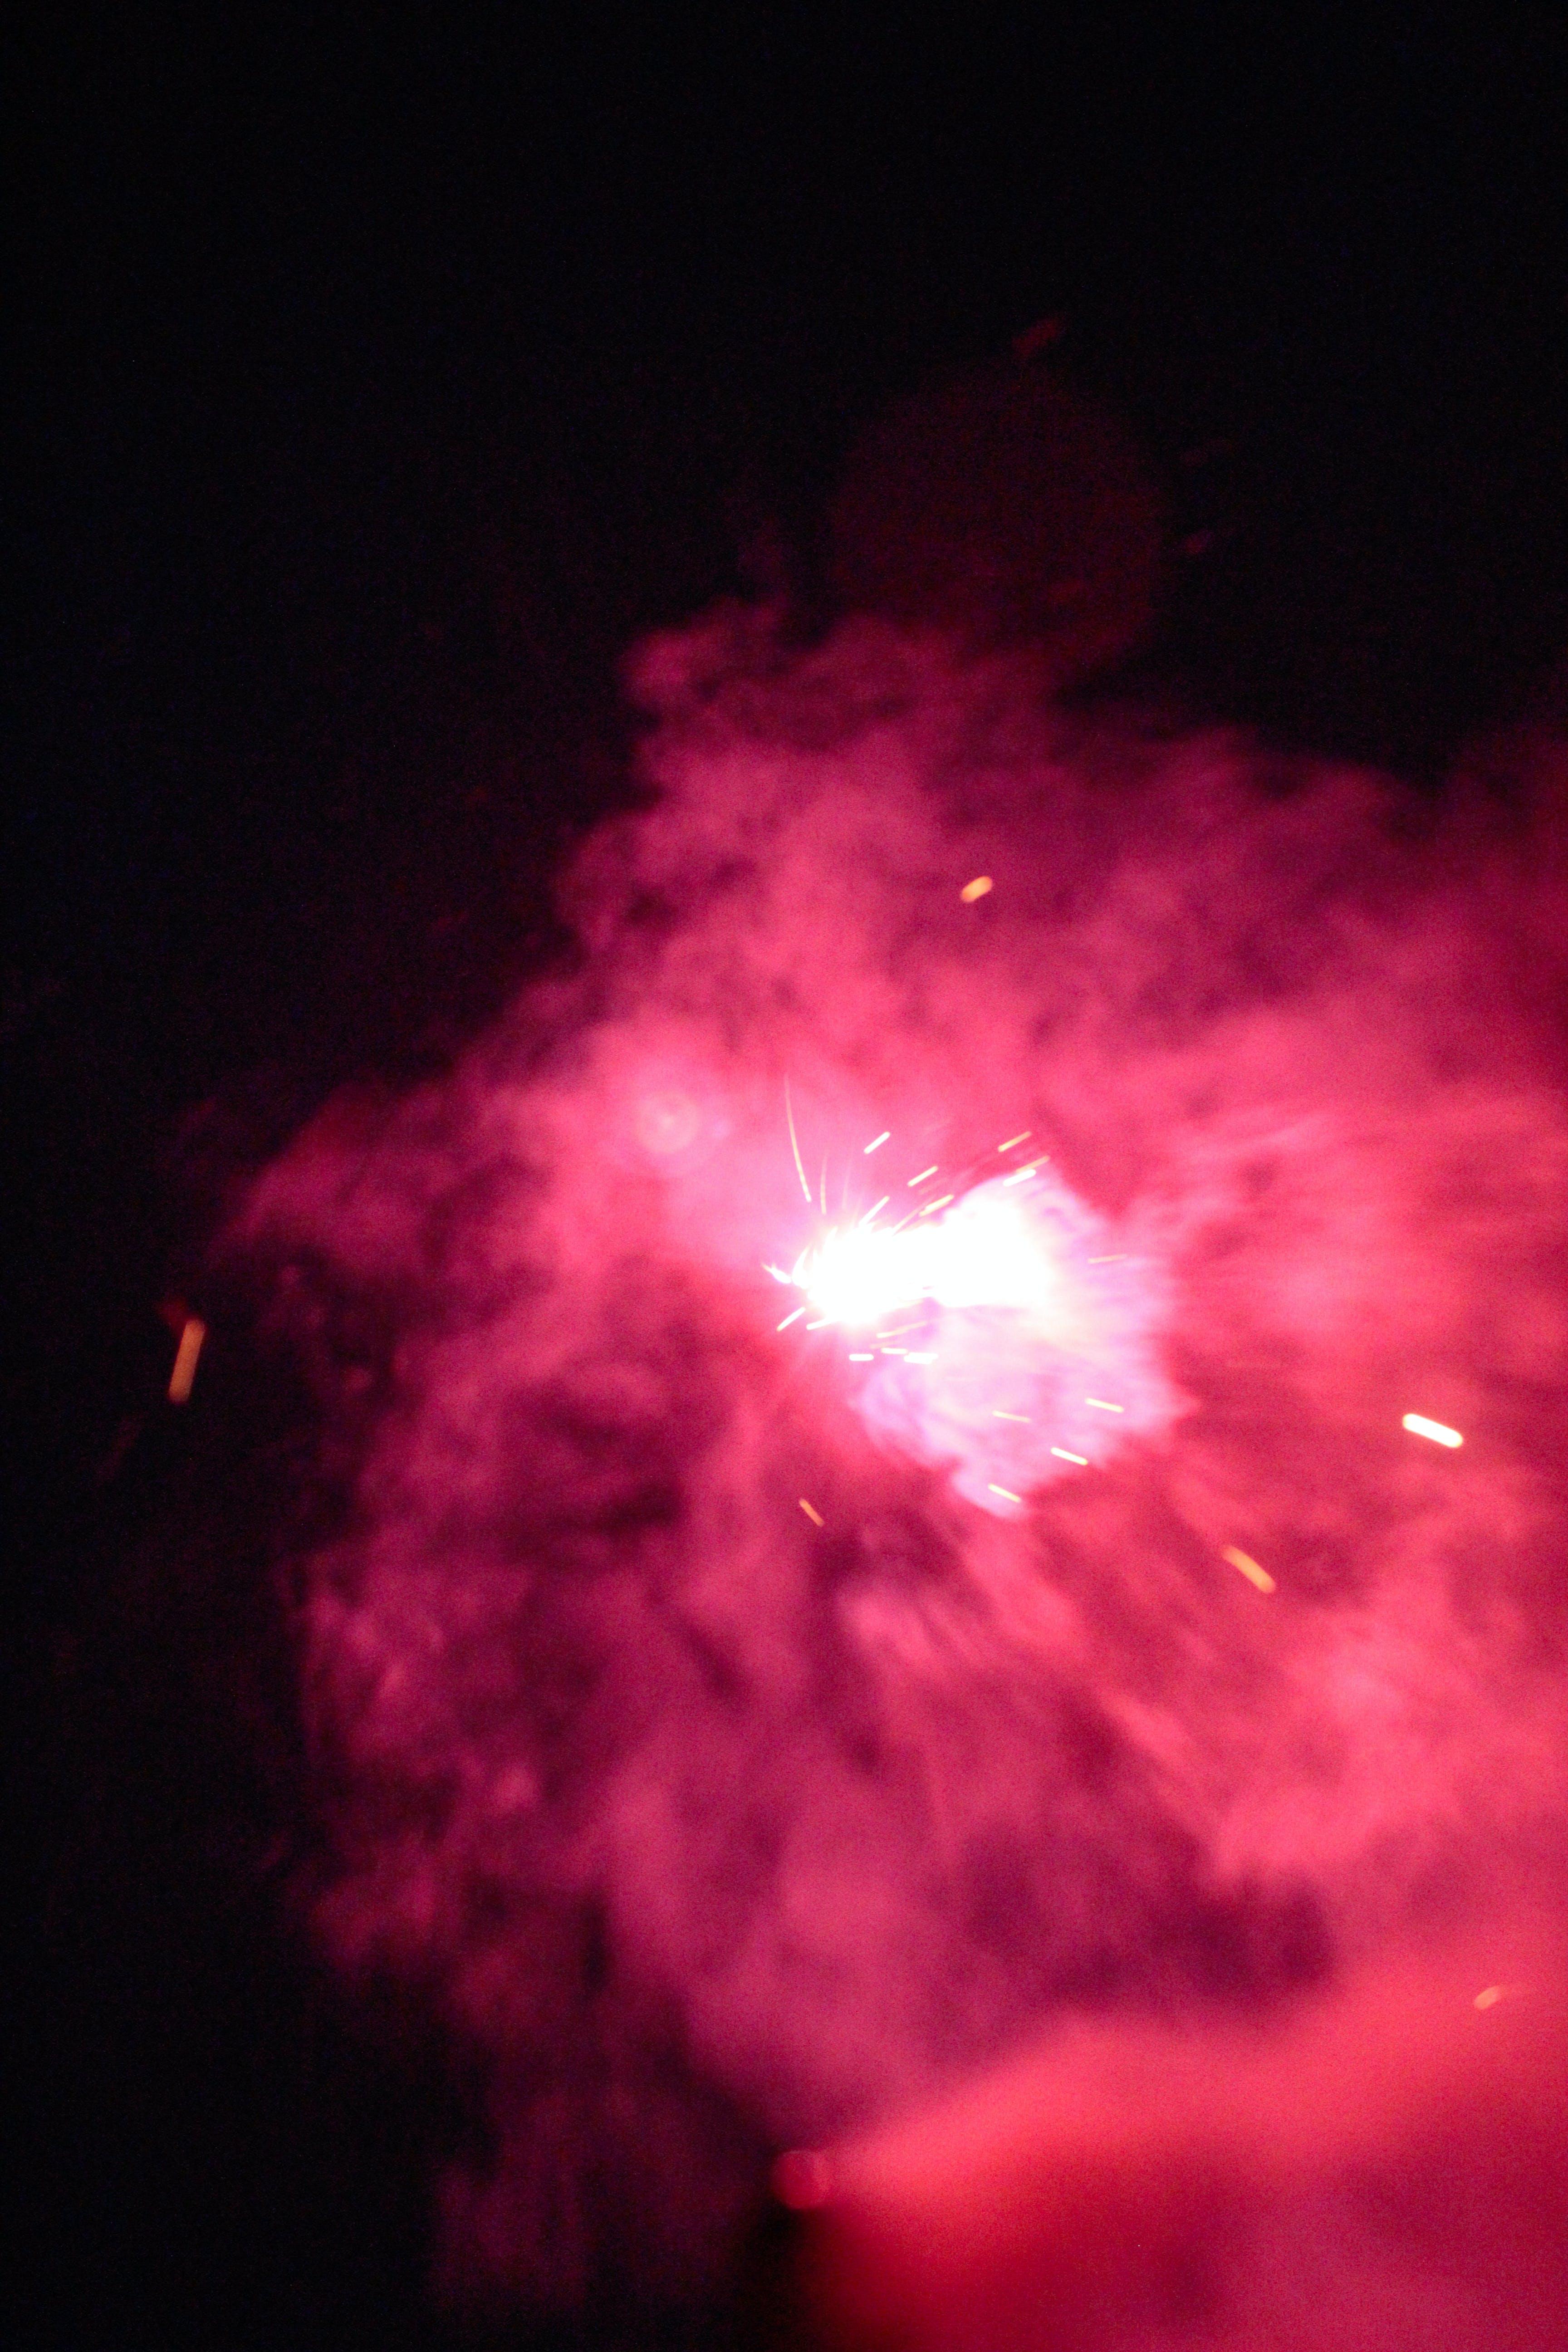 feuerwerk, kerzenlicht